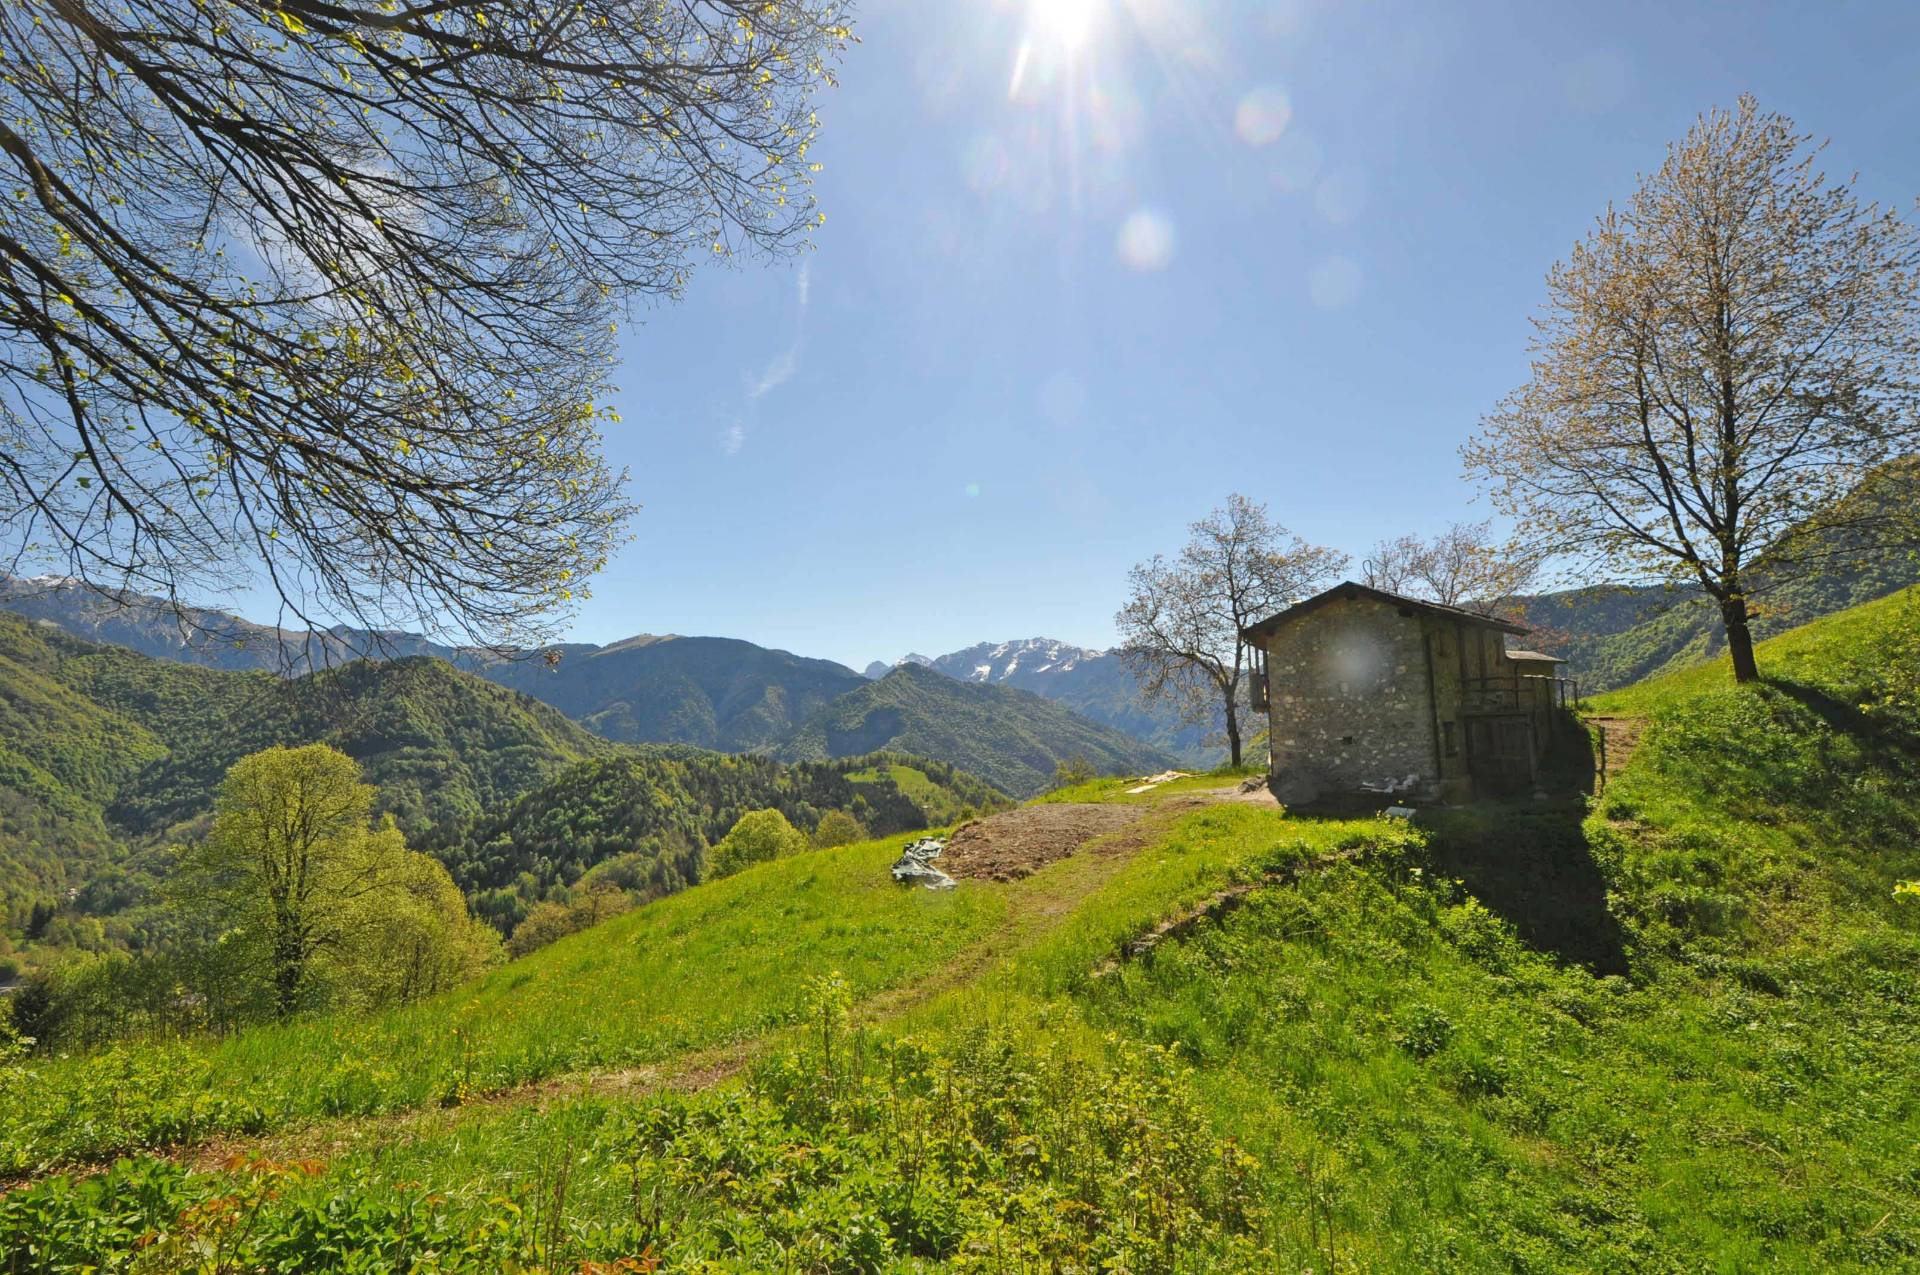 Rustico / Casale in vendita a Santa Brigida, 5 locali, Trattative riservate | Cambio Casa.it